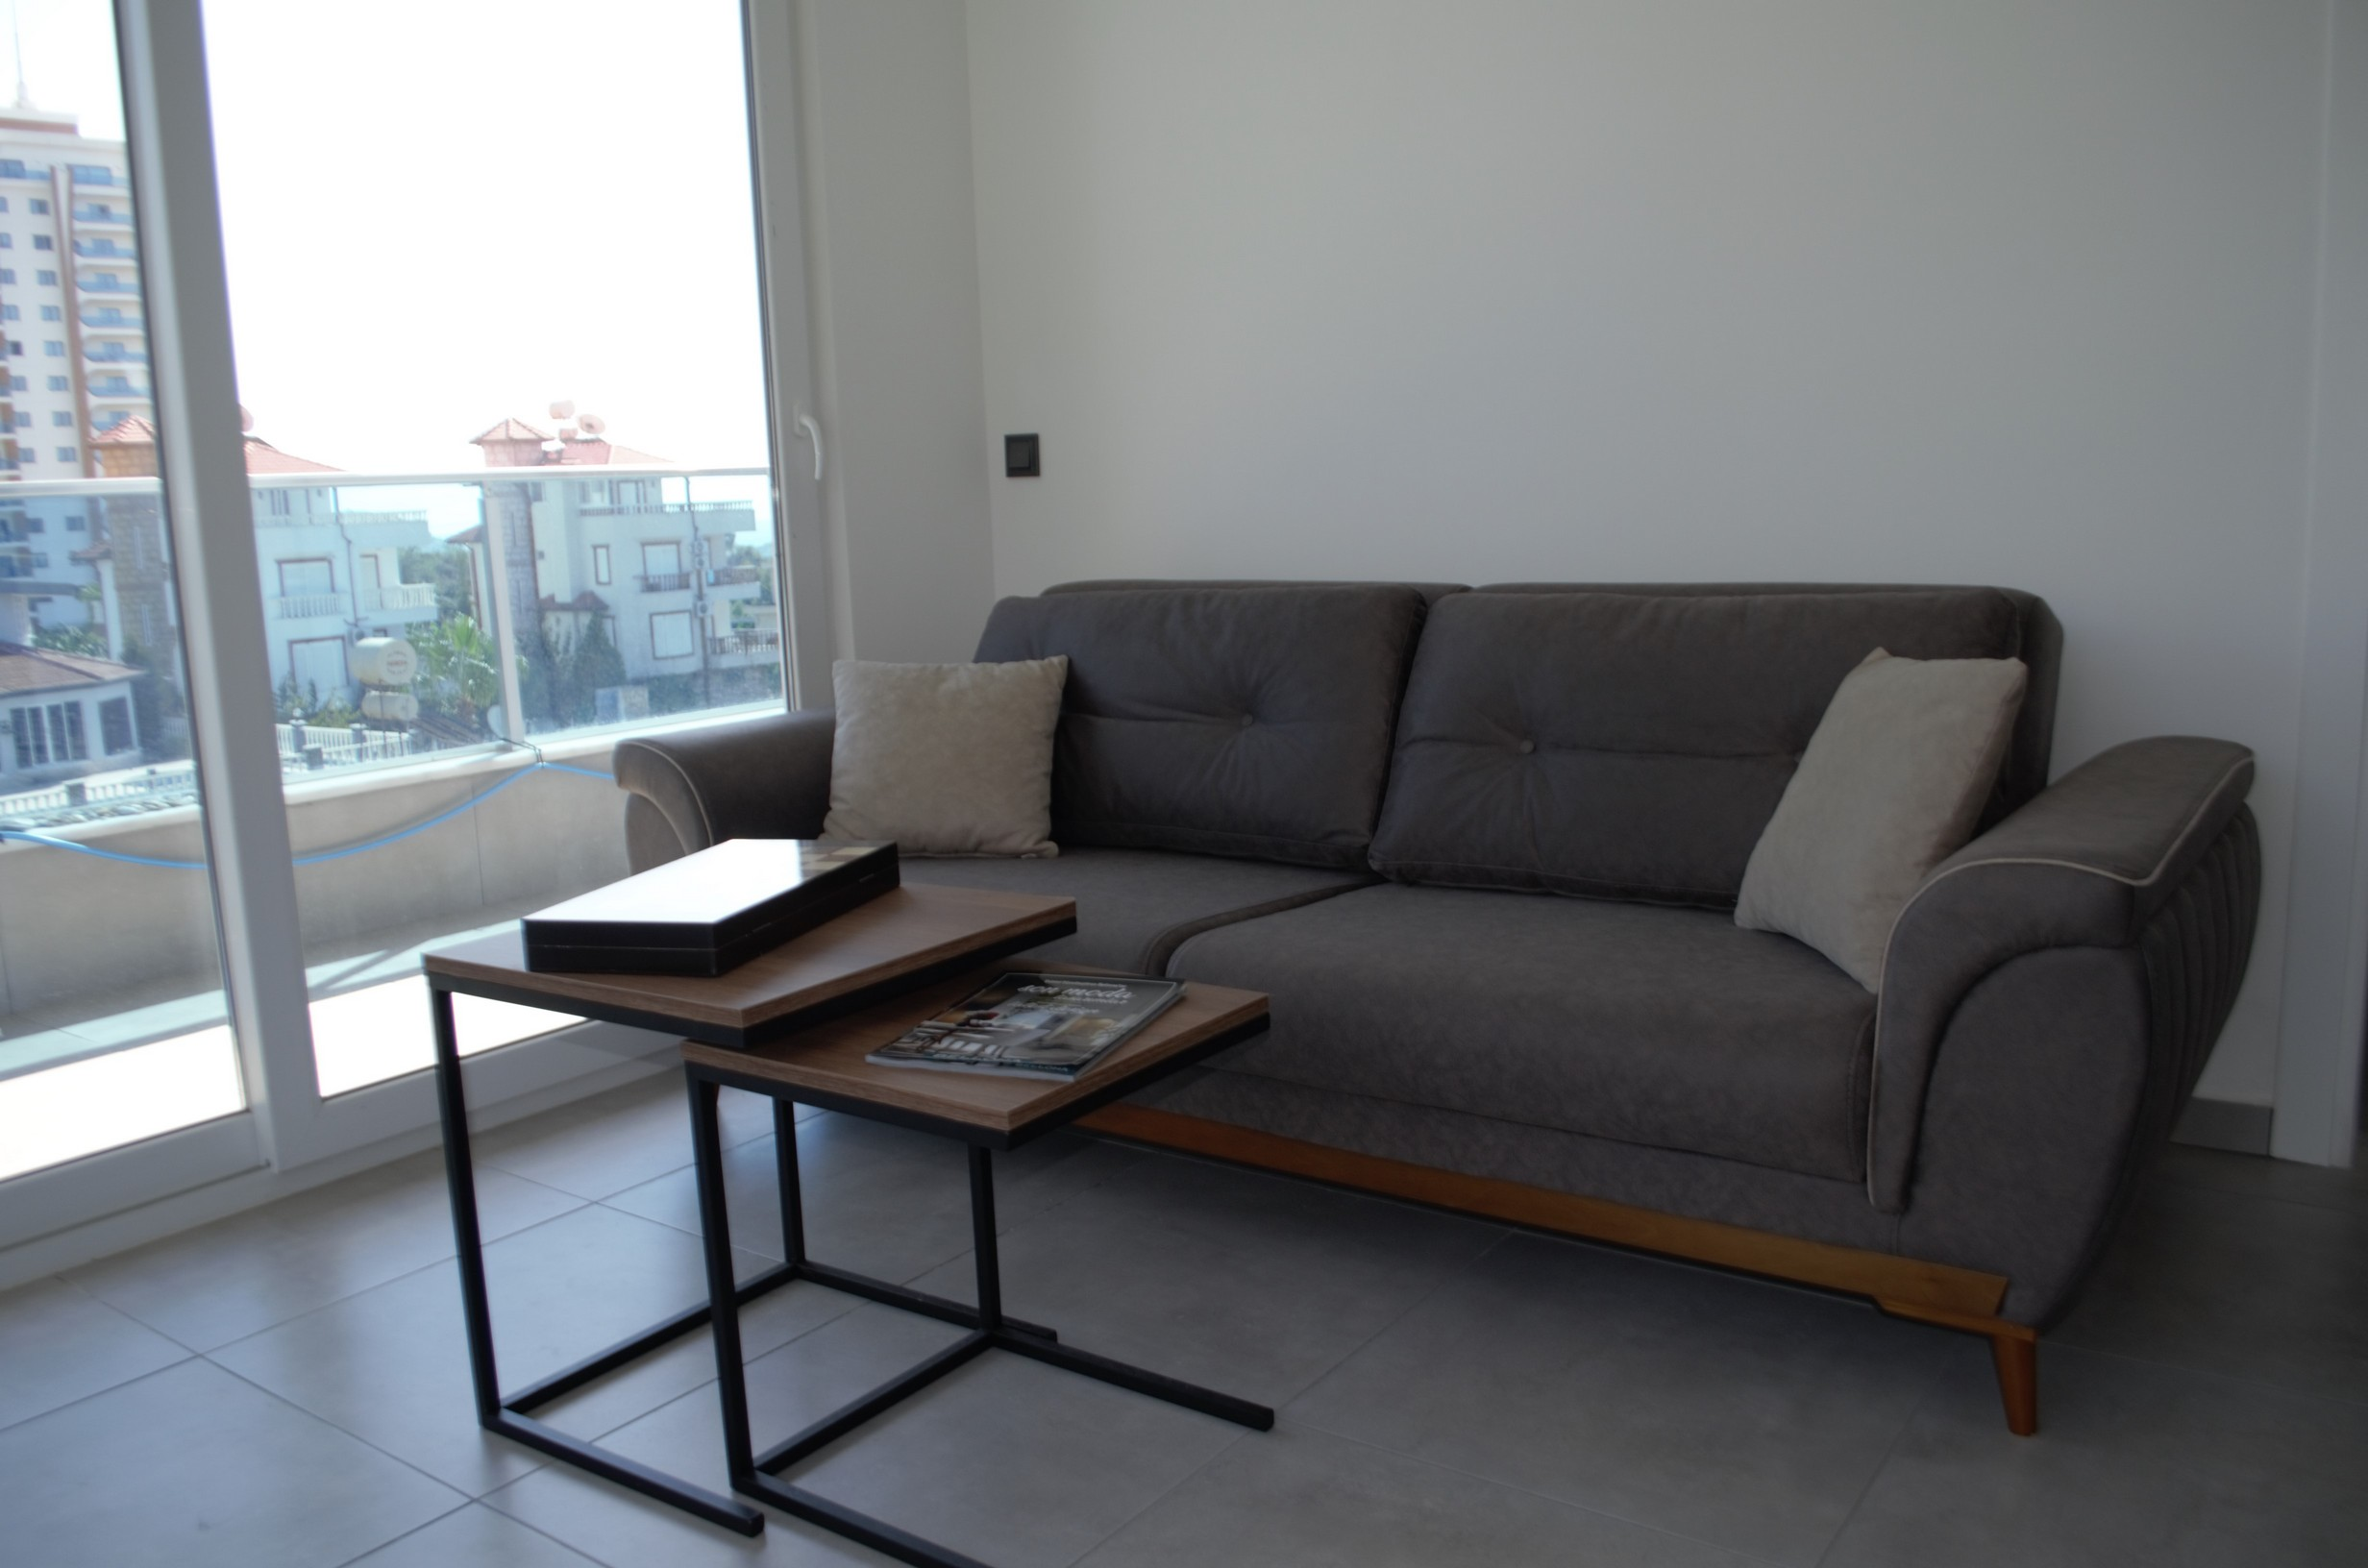 Меблированная квартира 1+1 в комплексе с инфраструктурой - Фото 8